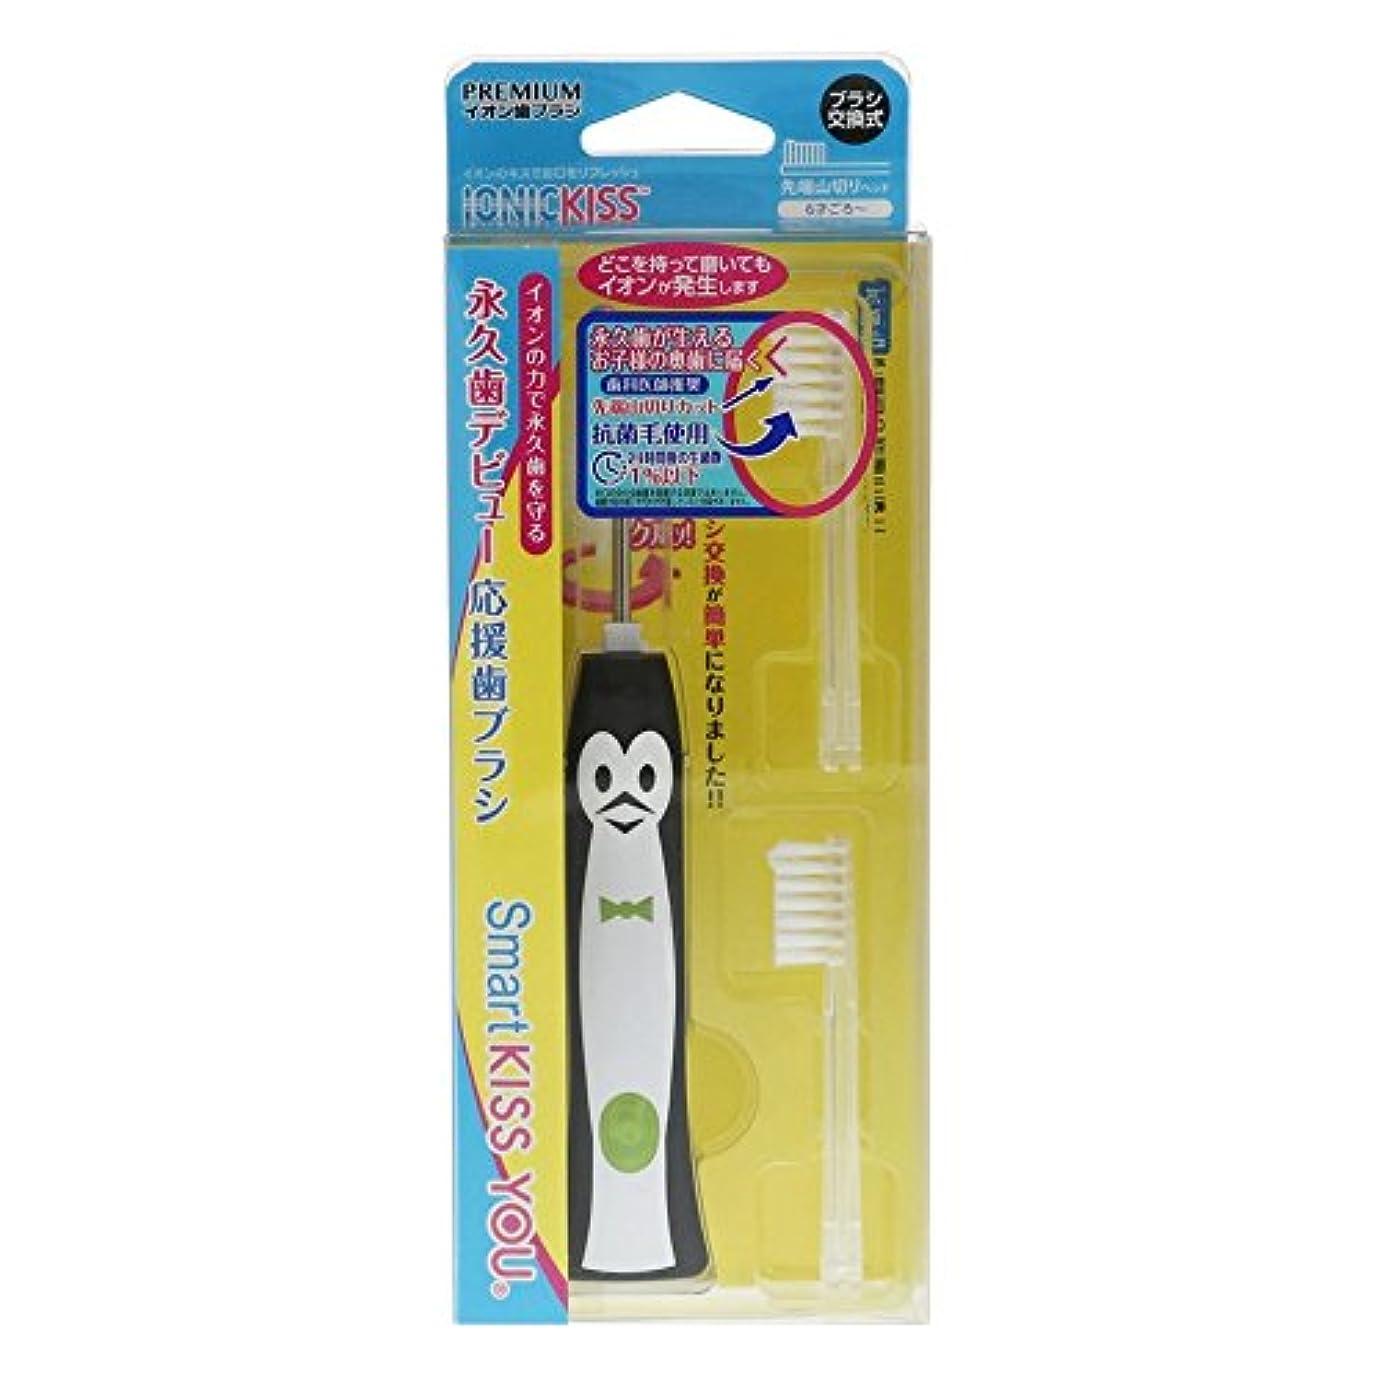 連続的対応する出席するスマート キスユー 子供歯ブラシ 本体セット (1セット)